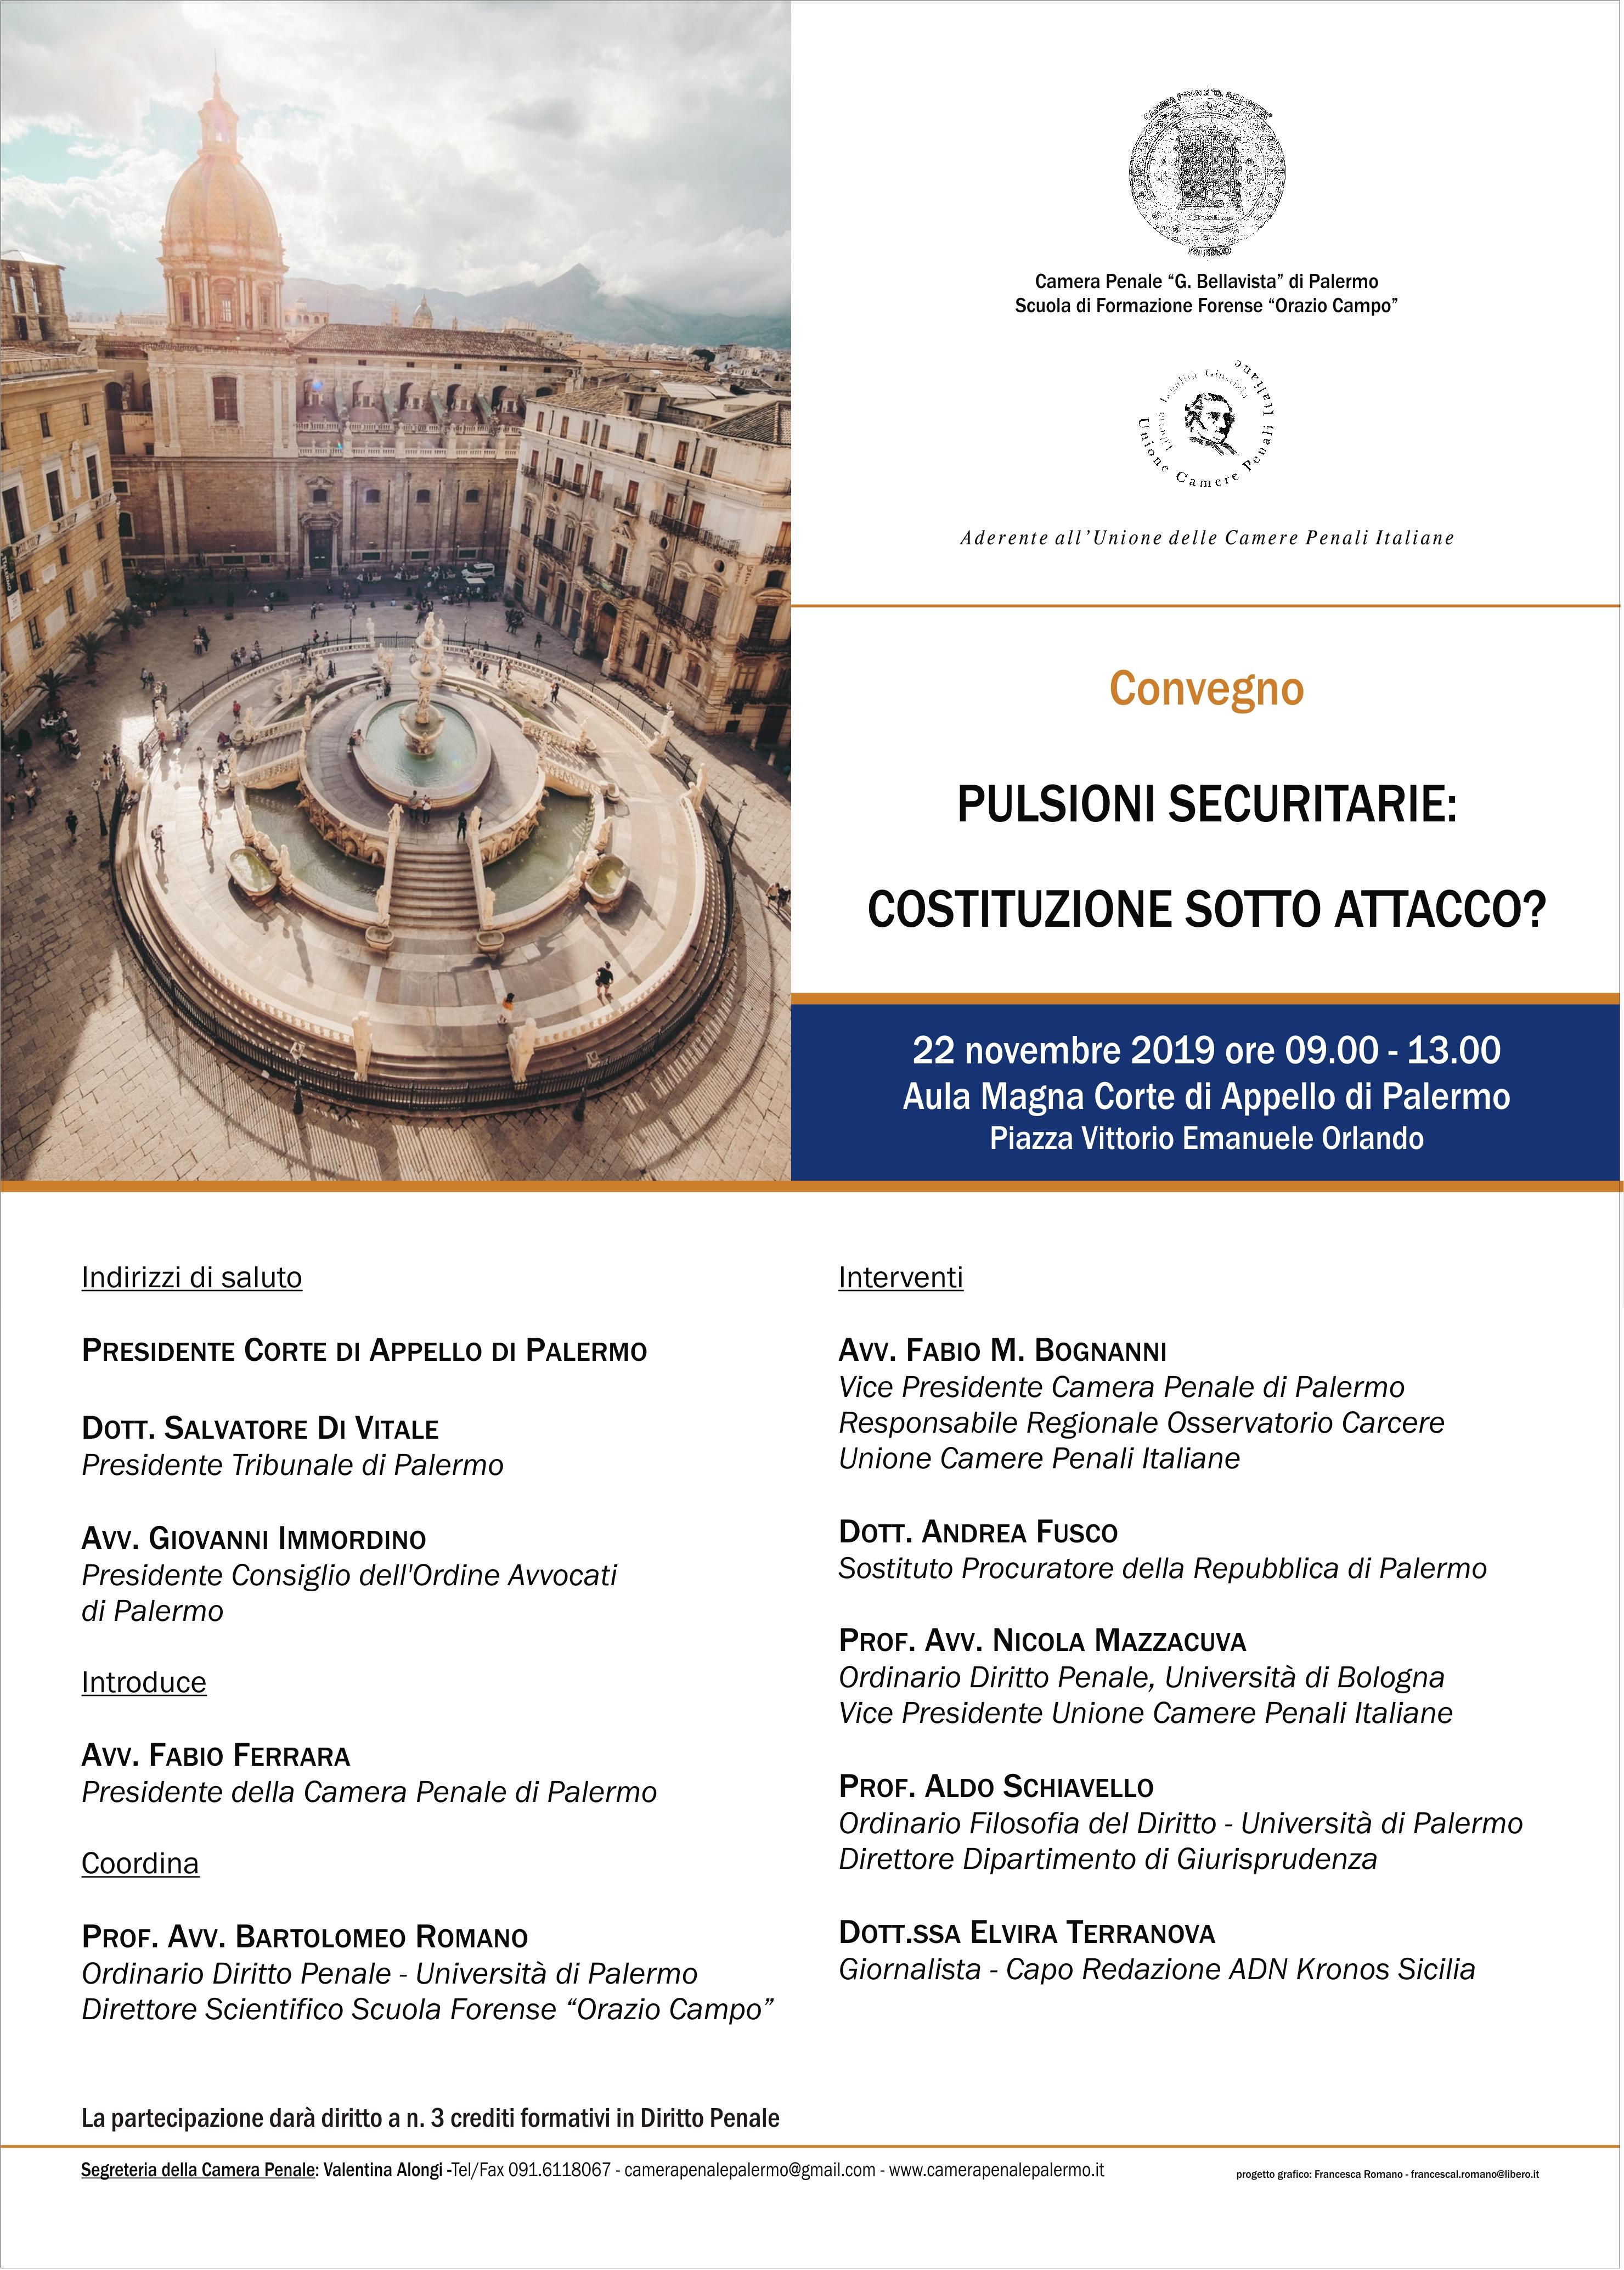 """AULA MAGNA CORTE DI APPELLO DI PALERMO 22 NOVEMBRE 2019, 09:00-13:00 """"PULSIONI SECURITARIE: COSTITUZIONE SOTTO ATTACCO"""""""